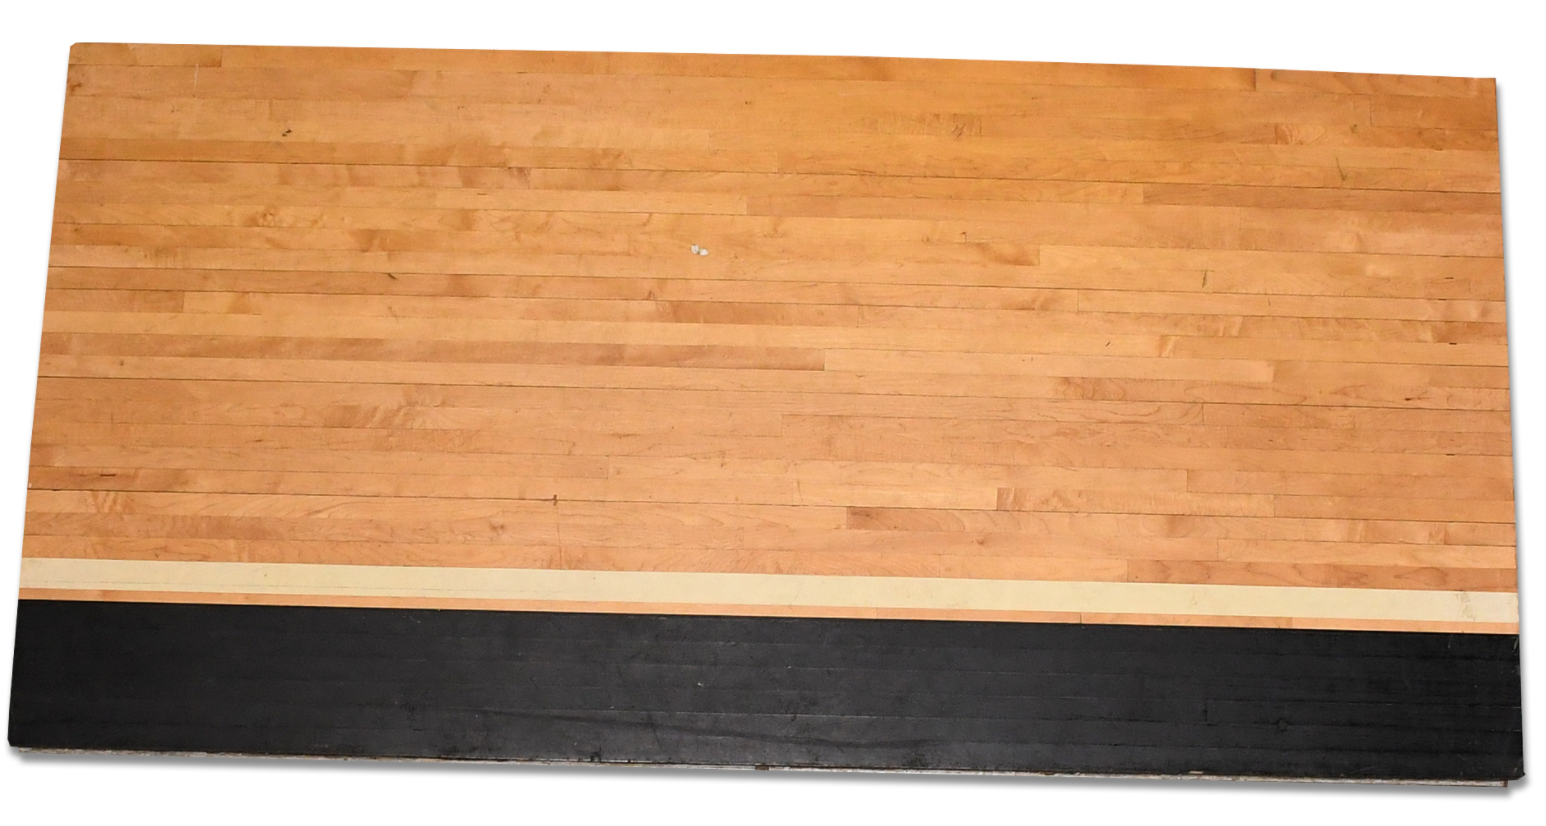 1995-98 Bulls Bench Hardwood Floor